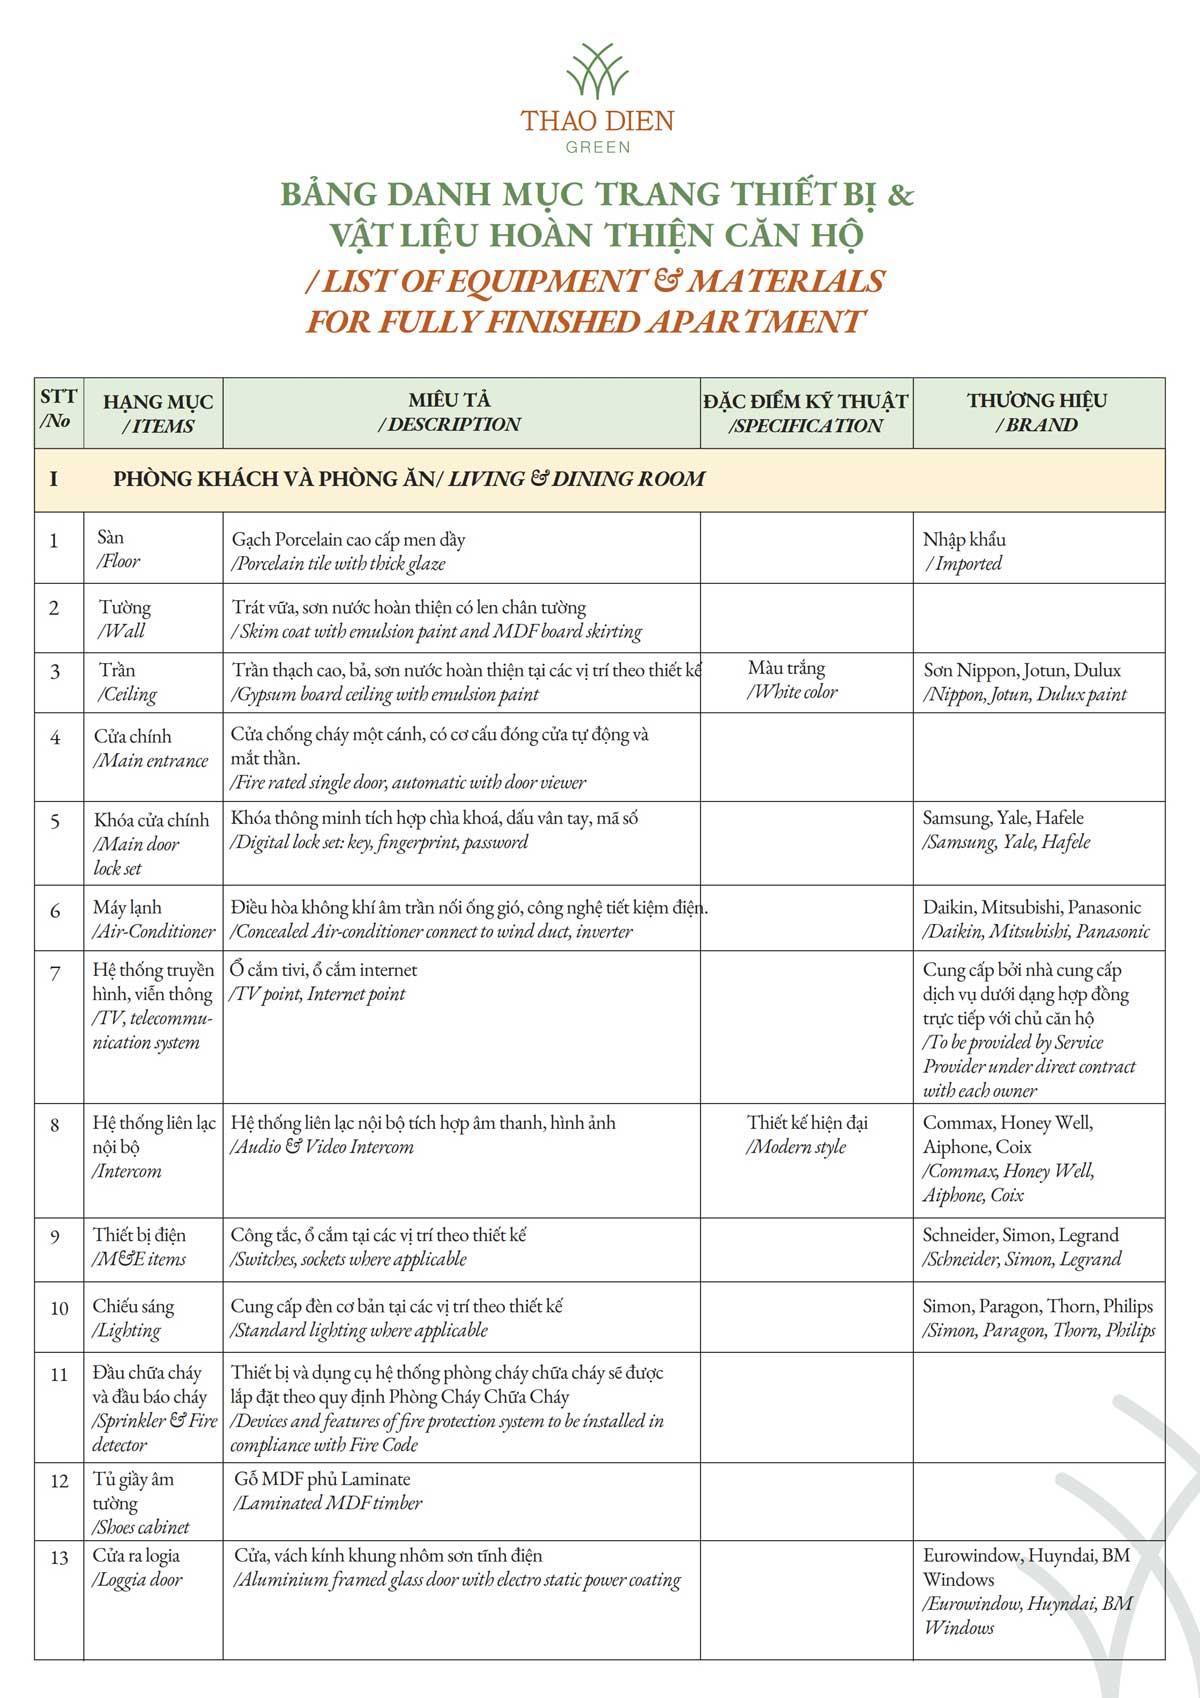 danh muc trang thiet bi va vat lieu ban giao can ho thao dien green - Thảo Điền Green Towers Quận 2